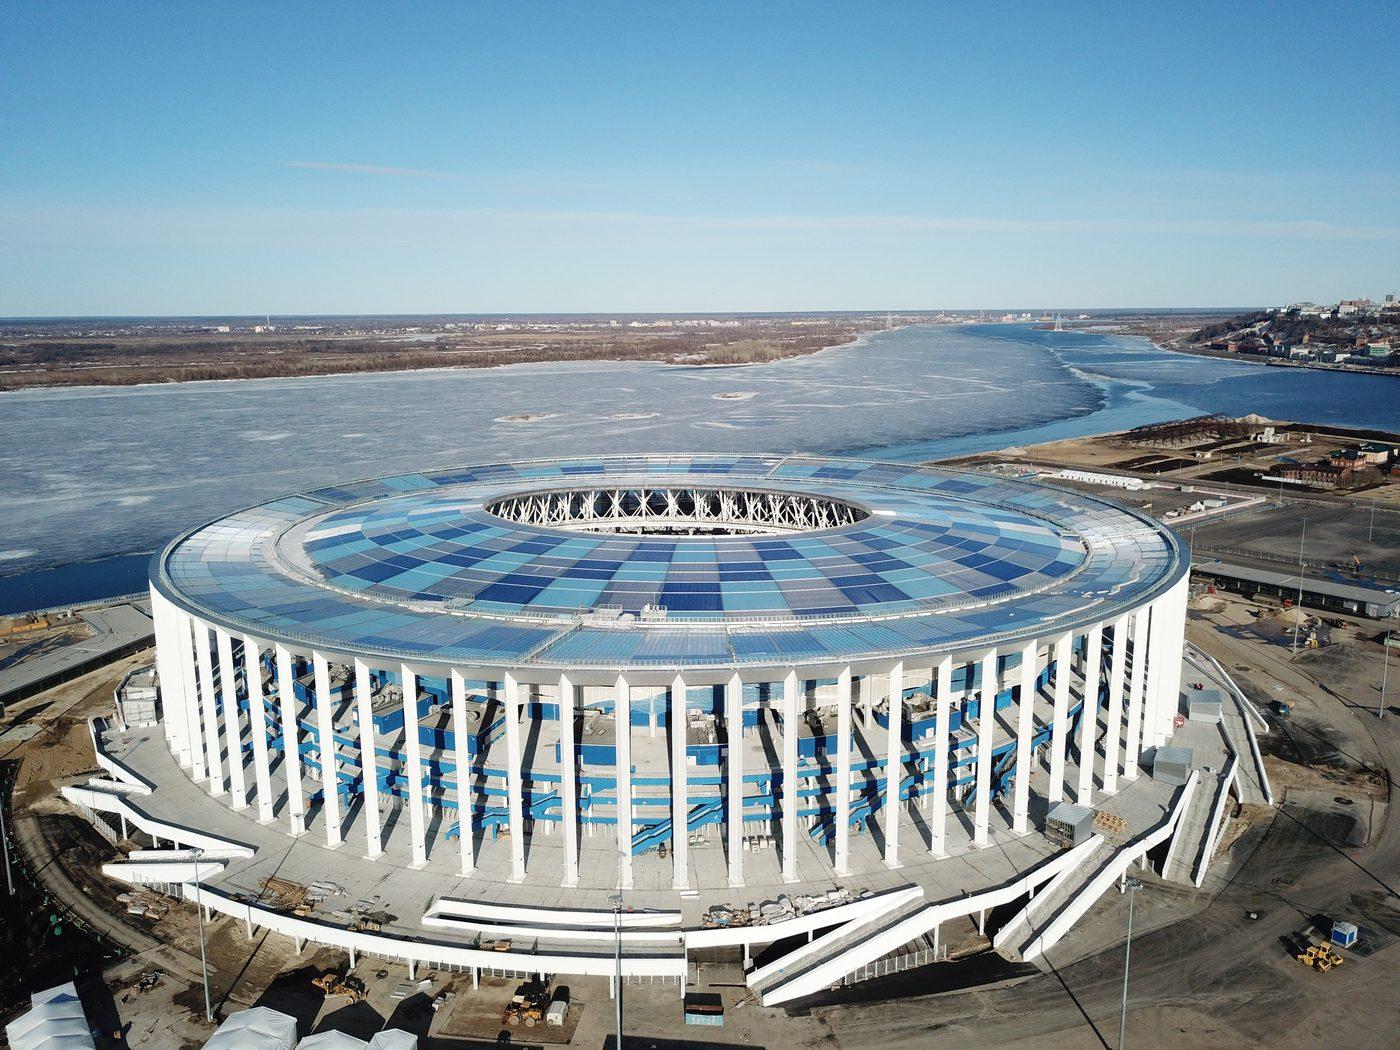 перевозки техники стадион нижний новгород фото человек